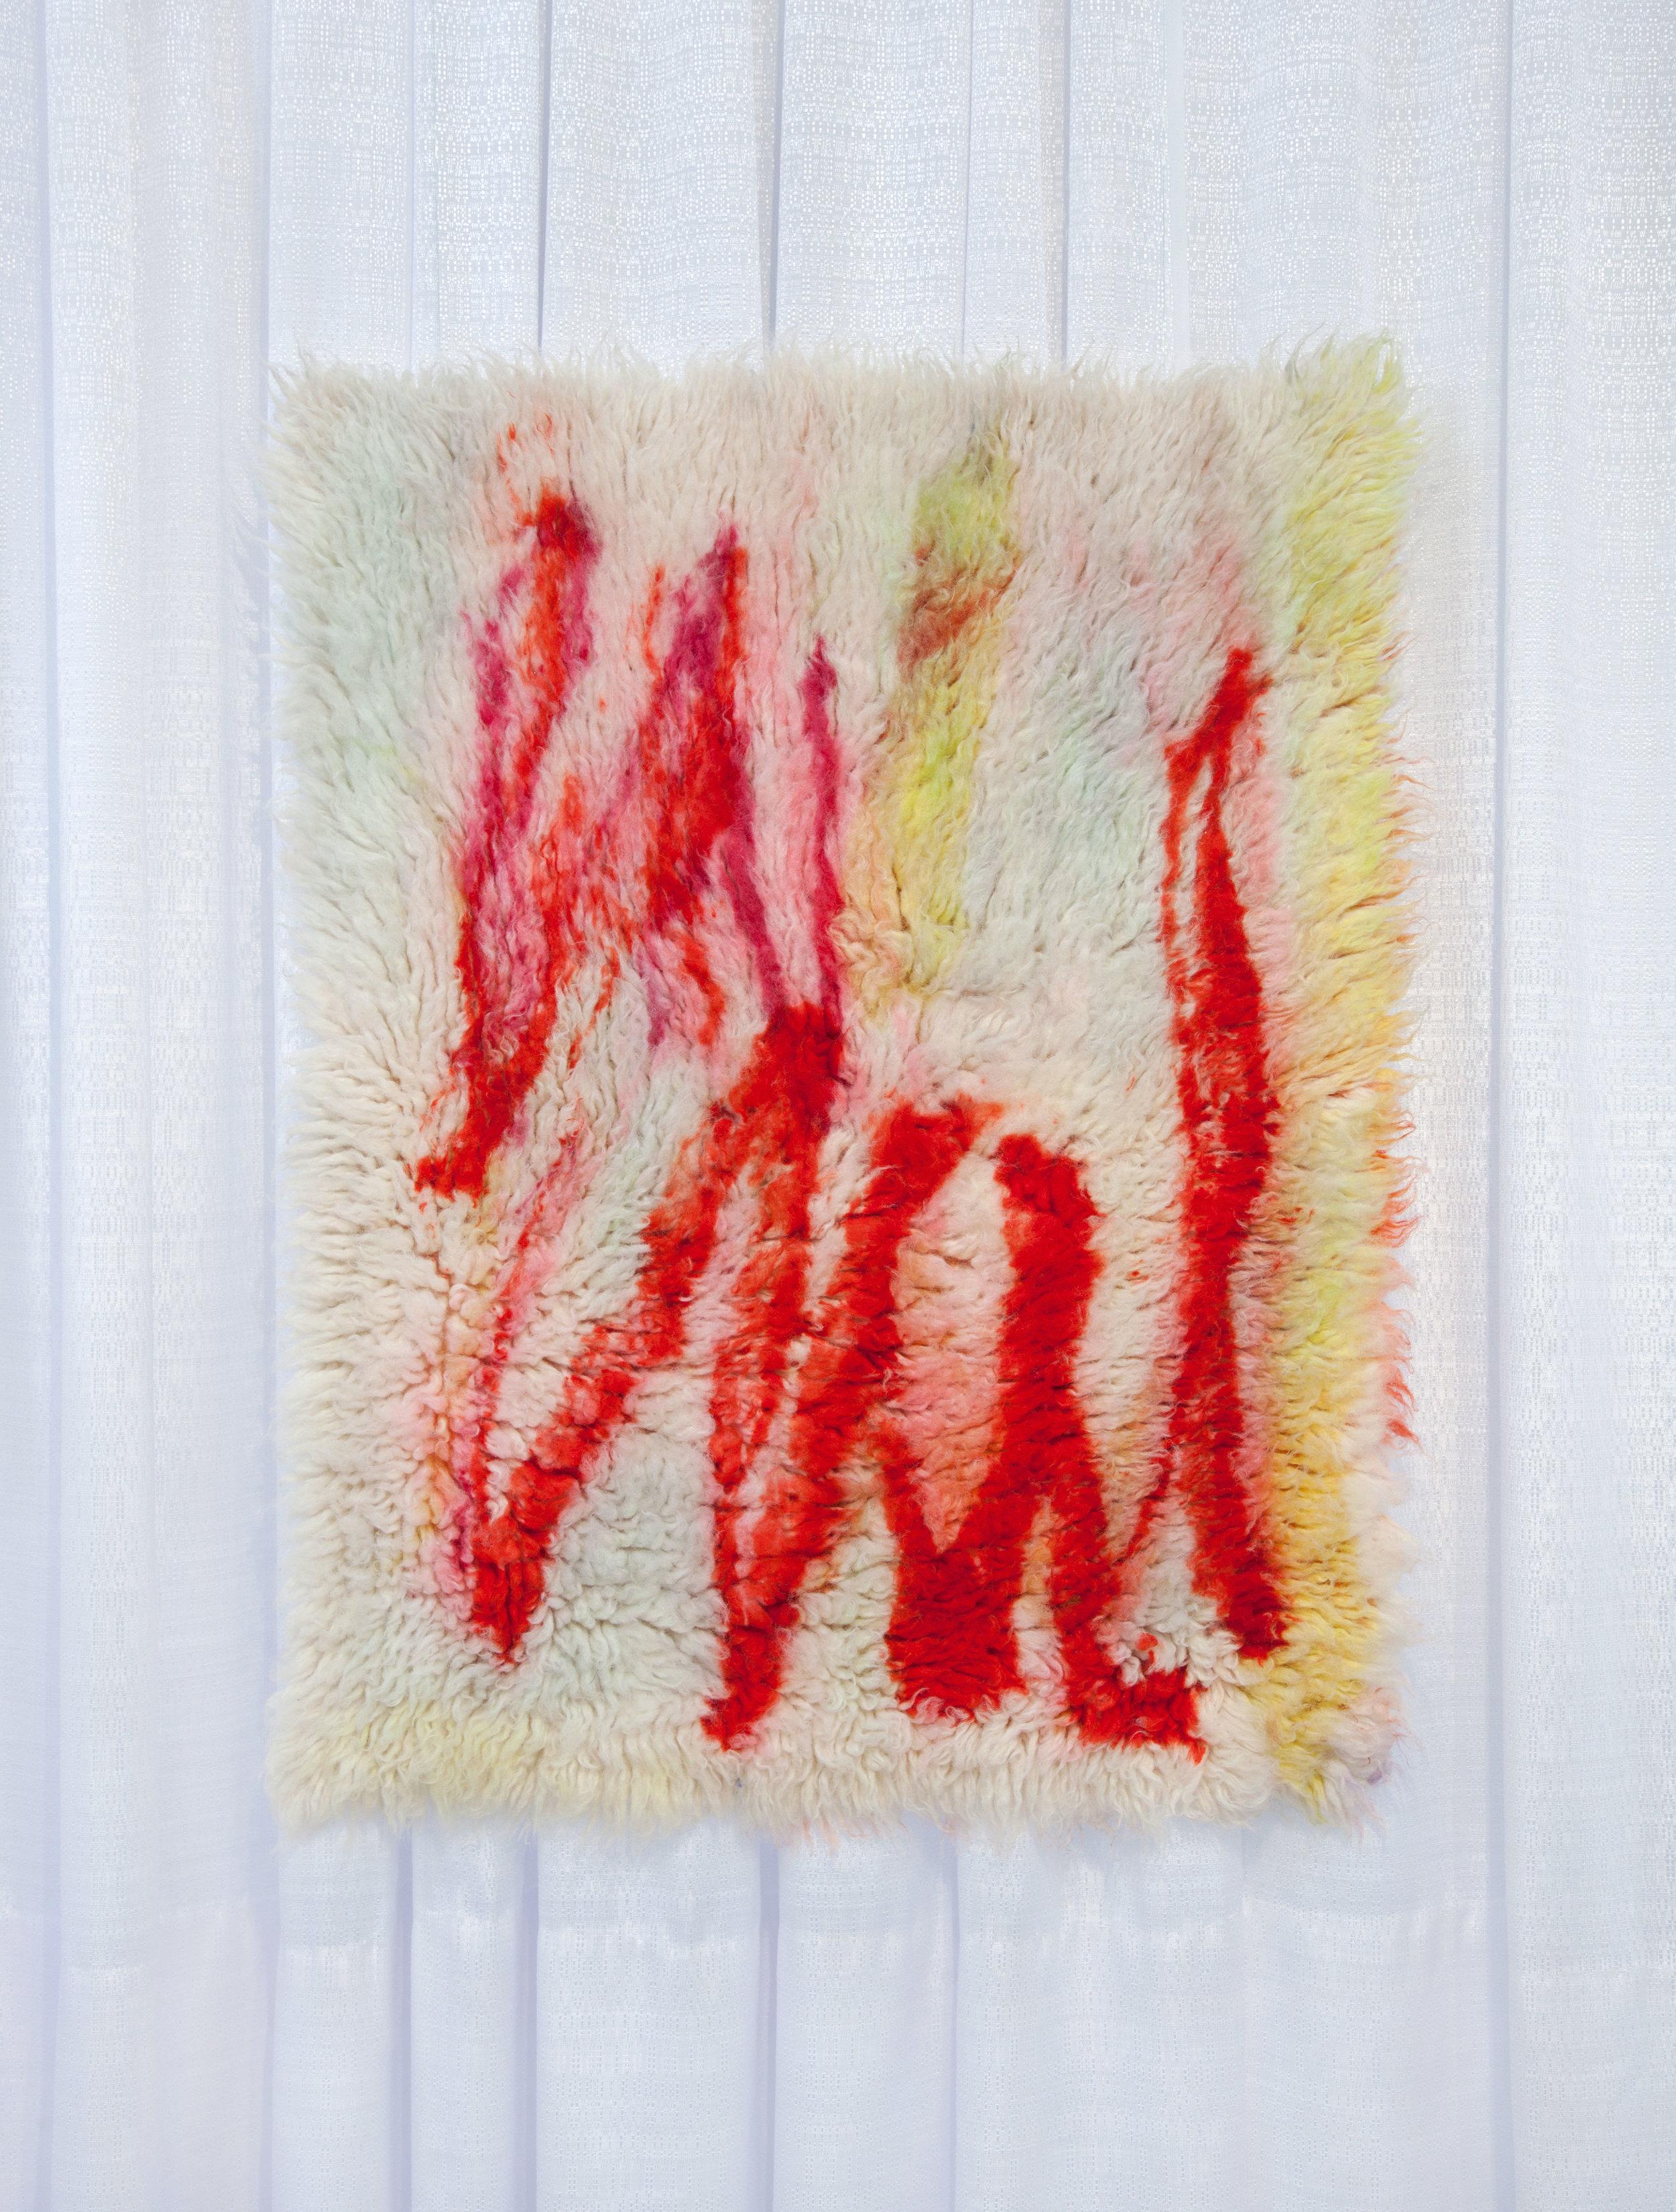 A letter is a platform, 2017, w ool rug, acid dye, hairspray.2' x3'